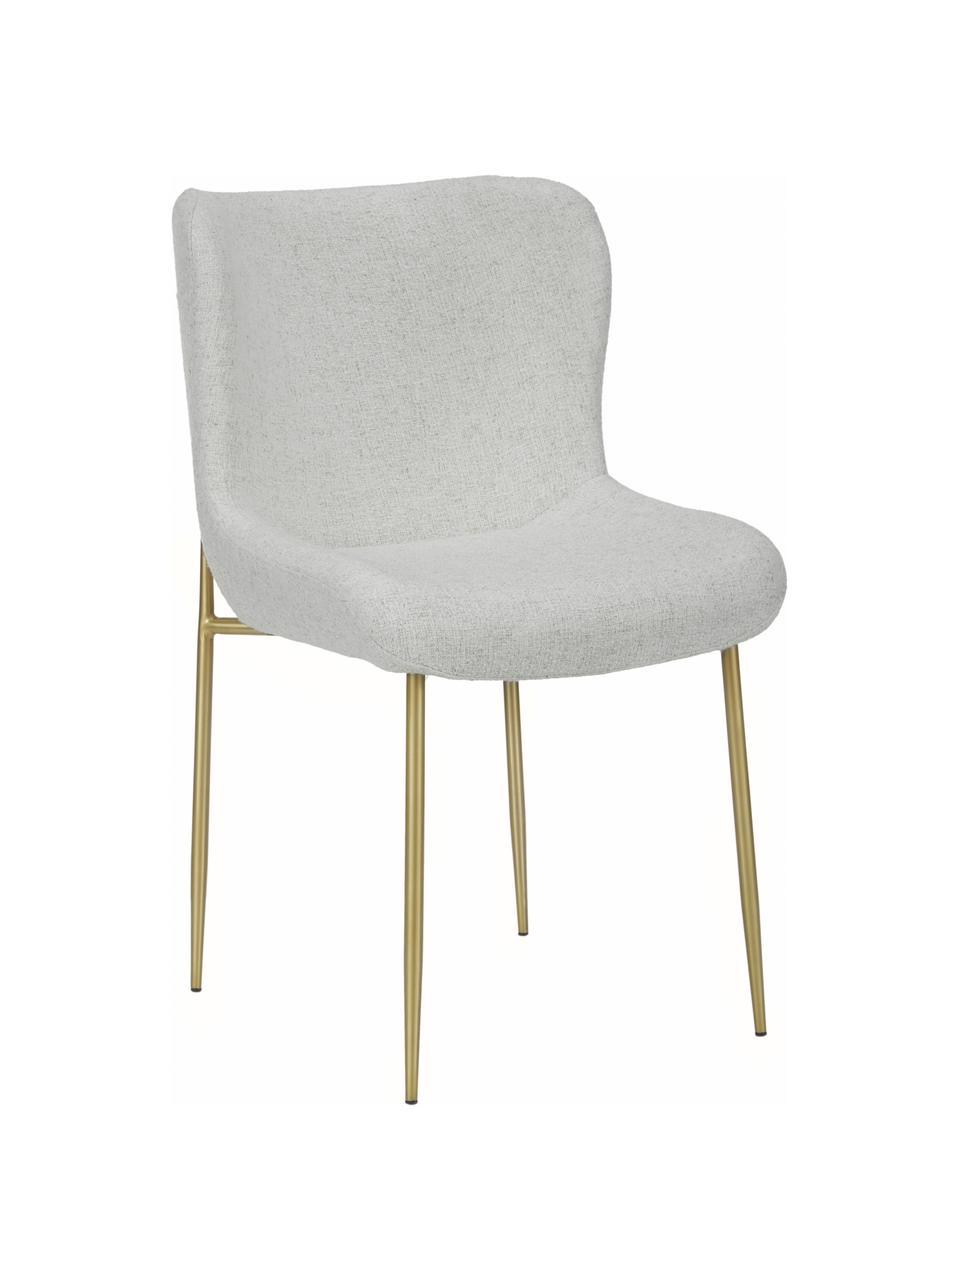 Chaise en tissu bouclé rembourrée Tess, Tissu bouclé gris clair, or